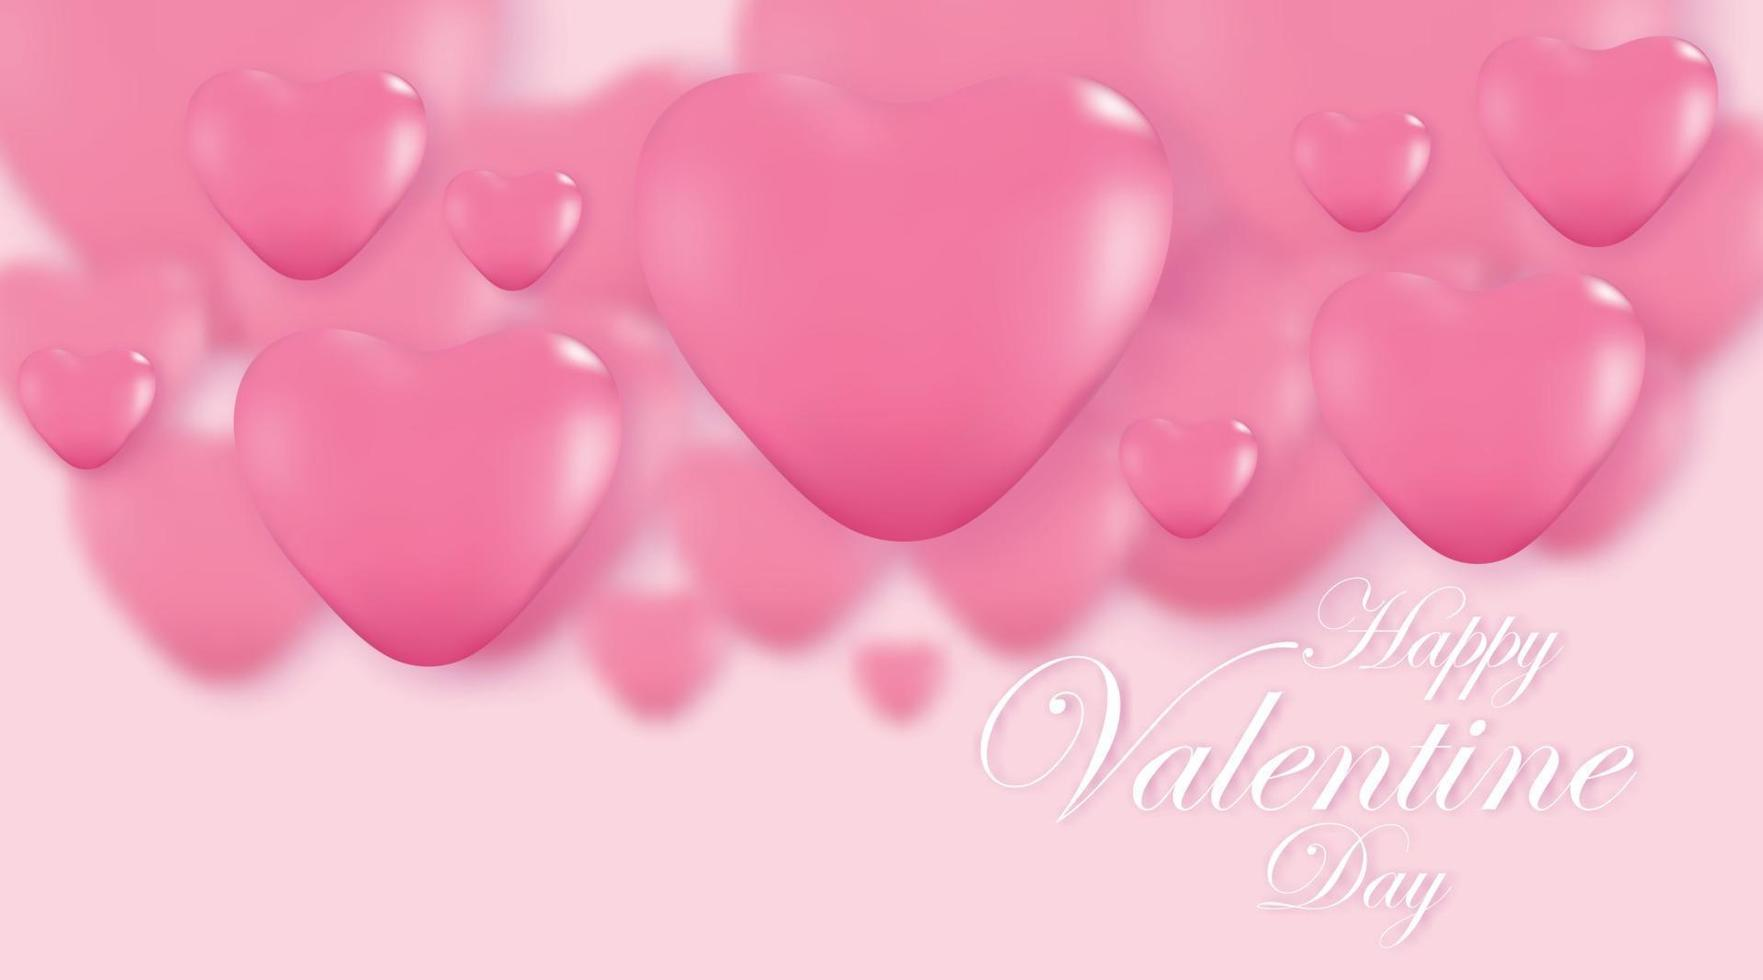 fond rose de la Saint-Valentin, coeurs 3d sur fond clair. illustration vectorielle. vecteur